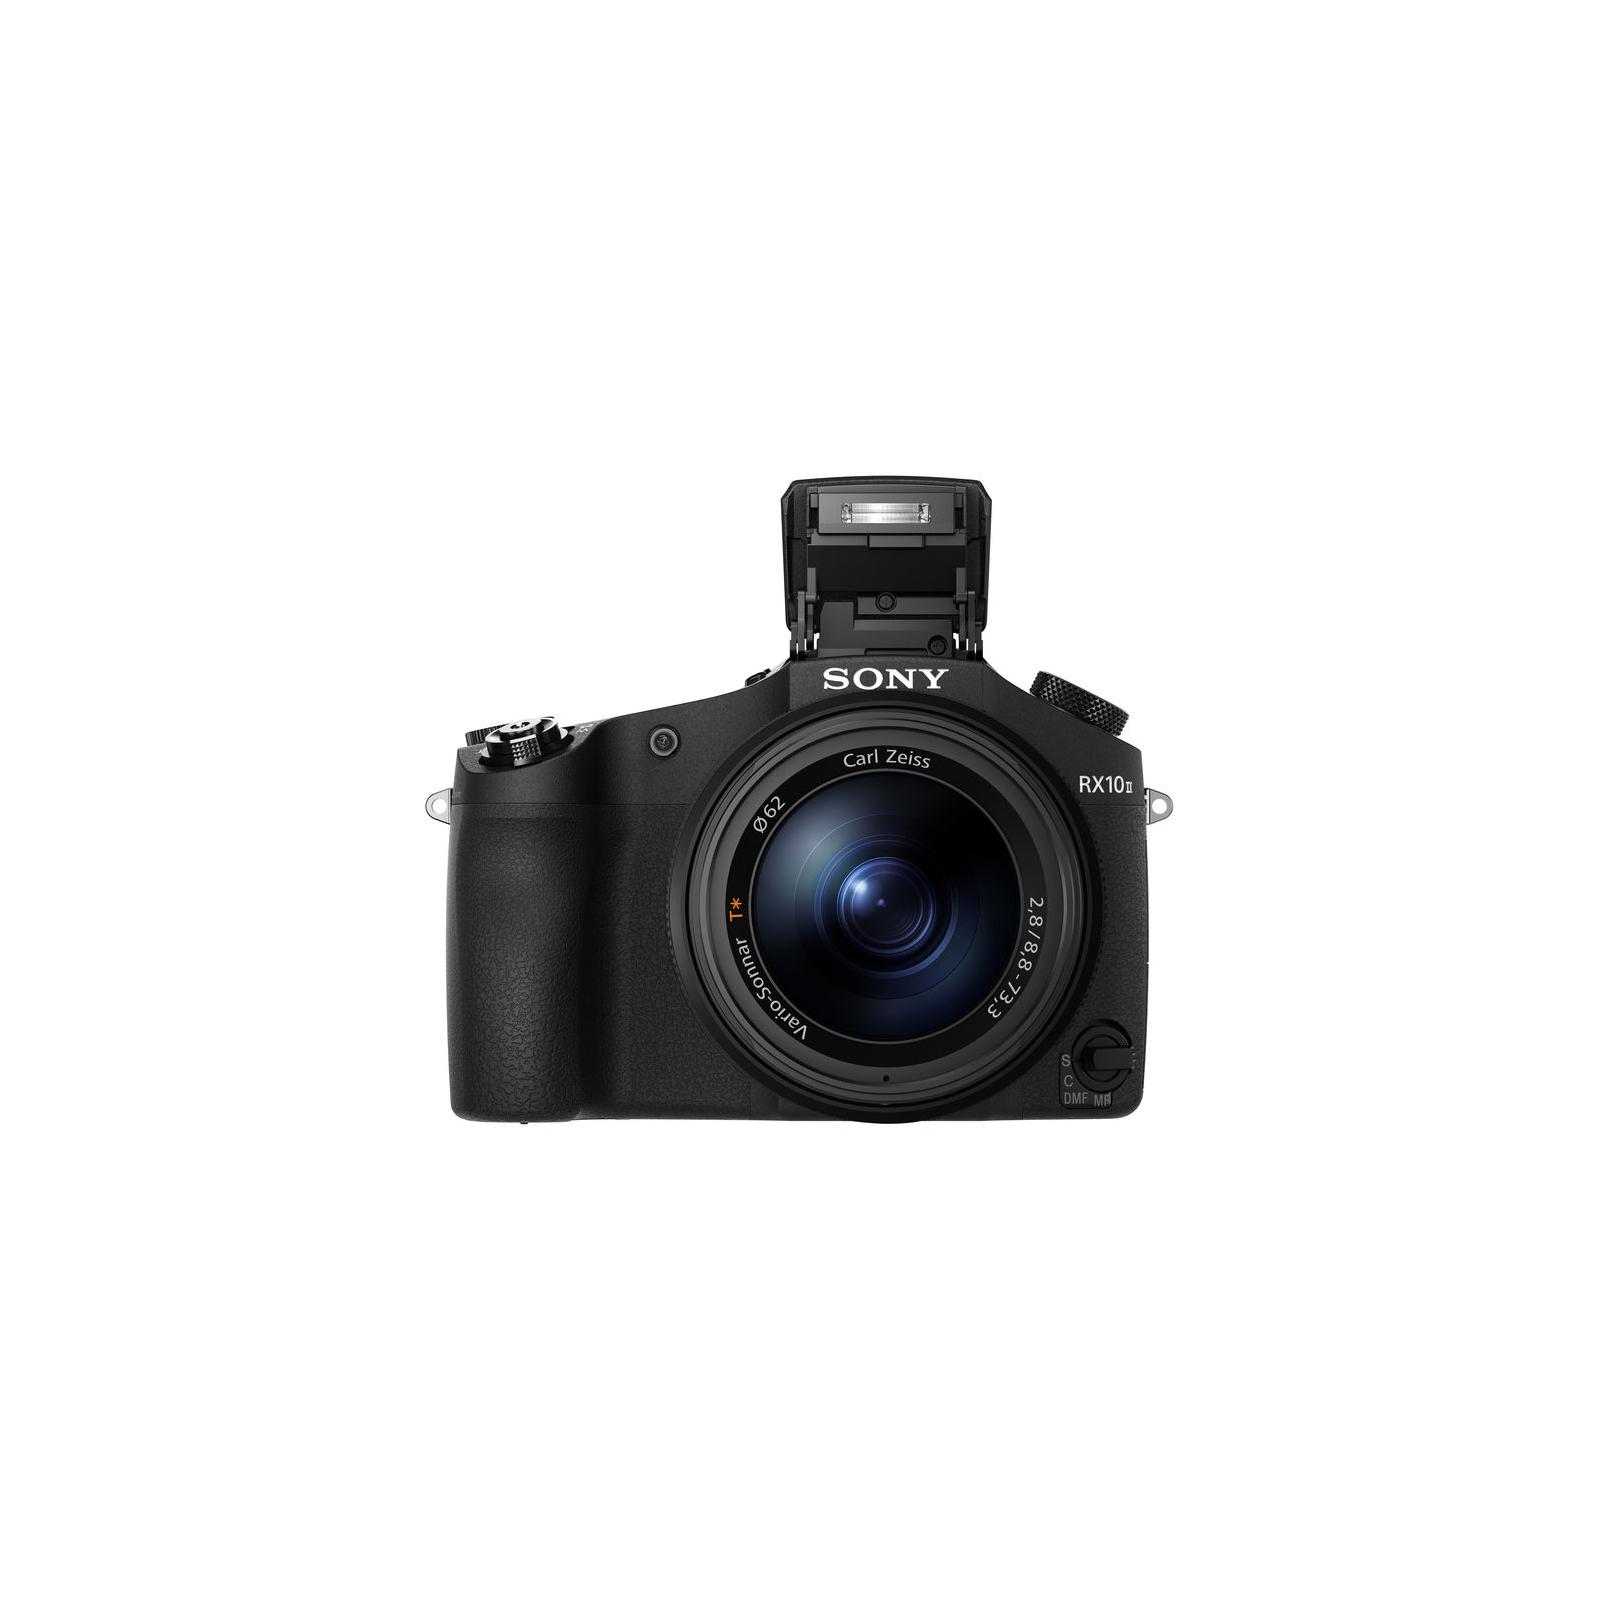 Цифровой фотоаппарат SONY Cyber-Shot RX10 MkII (DSCRX10M2.RU3) изображение 4